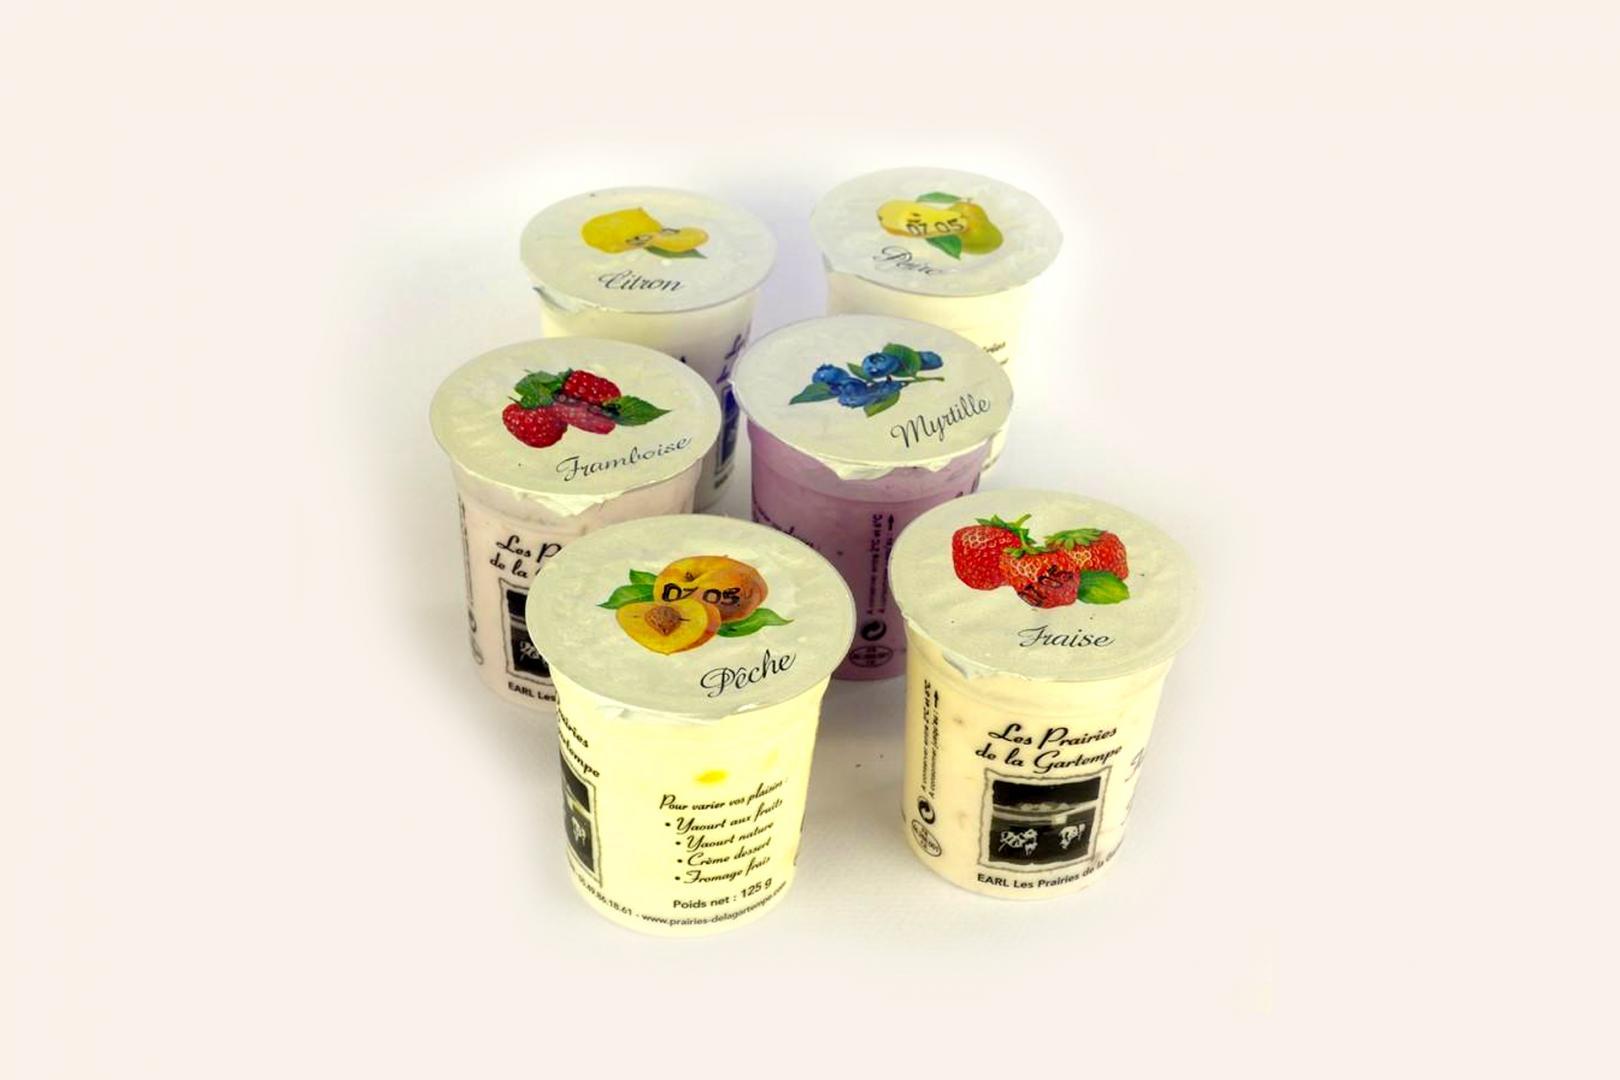 produits laitiers frais - vente de yaourts laitiers de la ferme 86